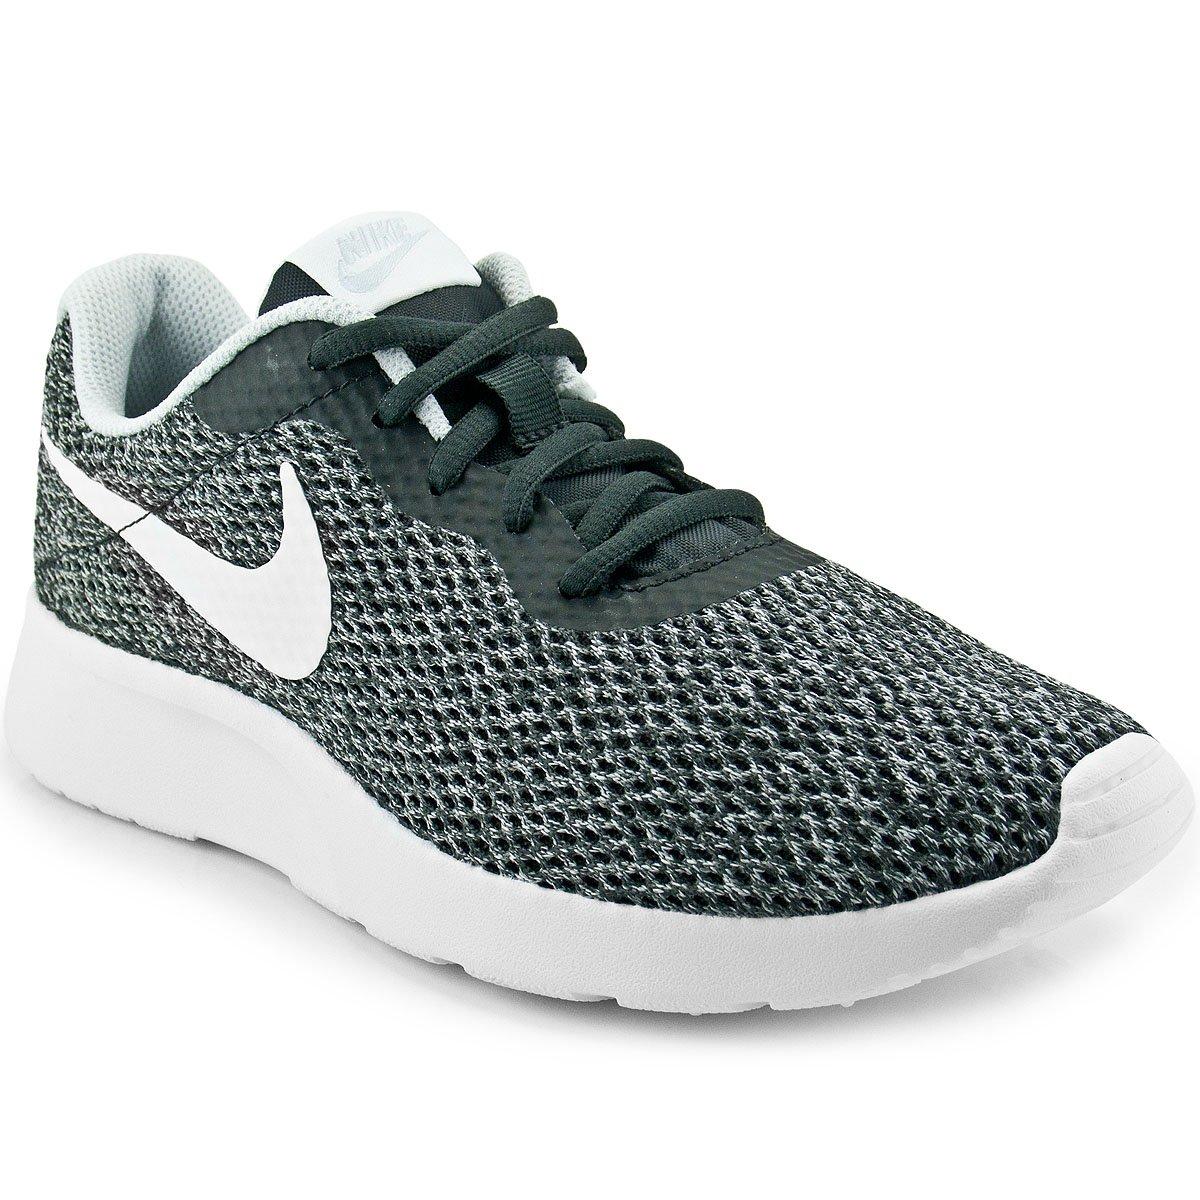 8d927d86d2a Tênis Nike Tanjun SE Feminino 844908